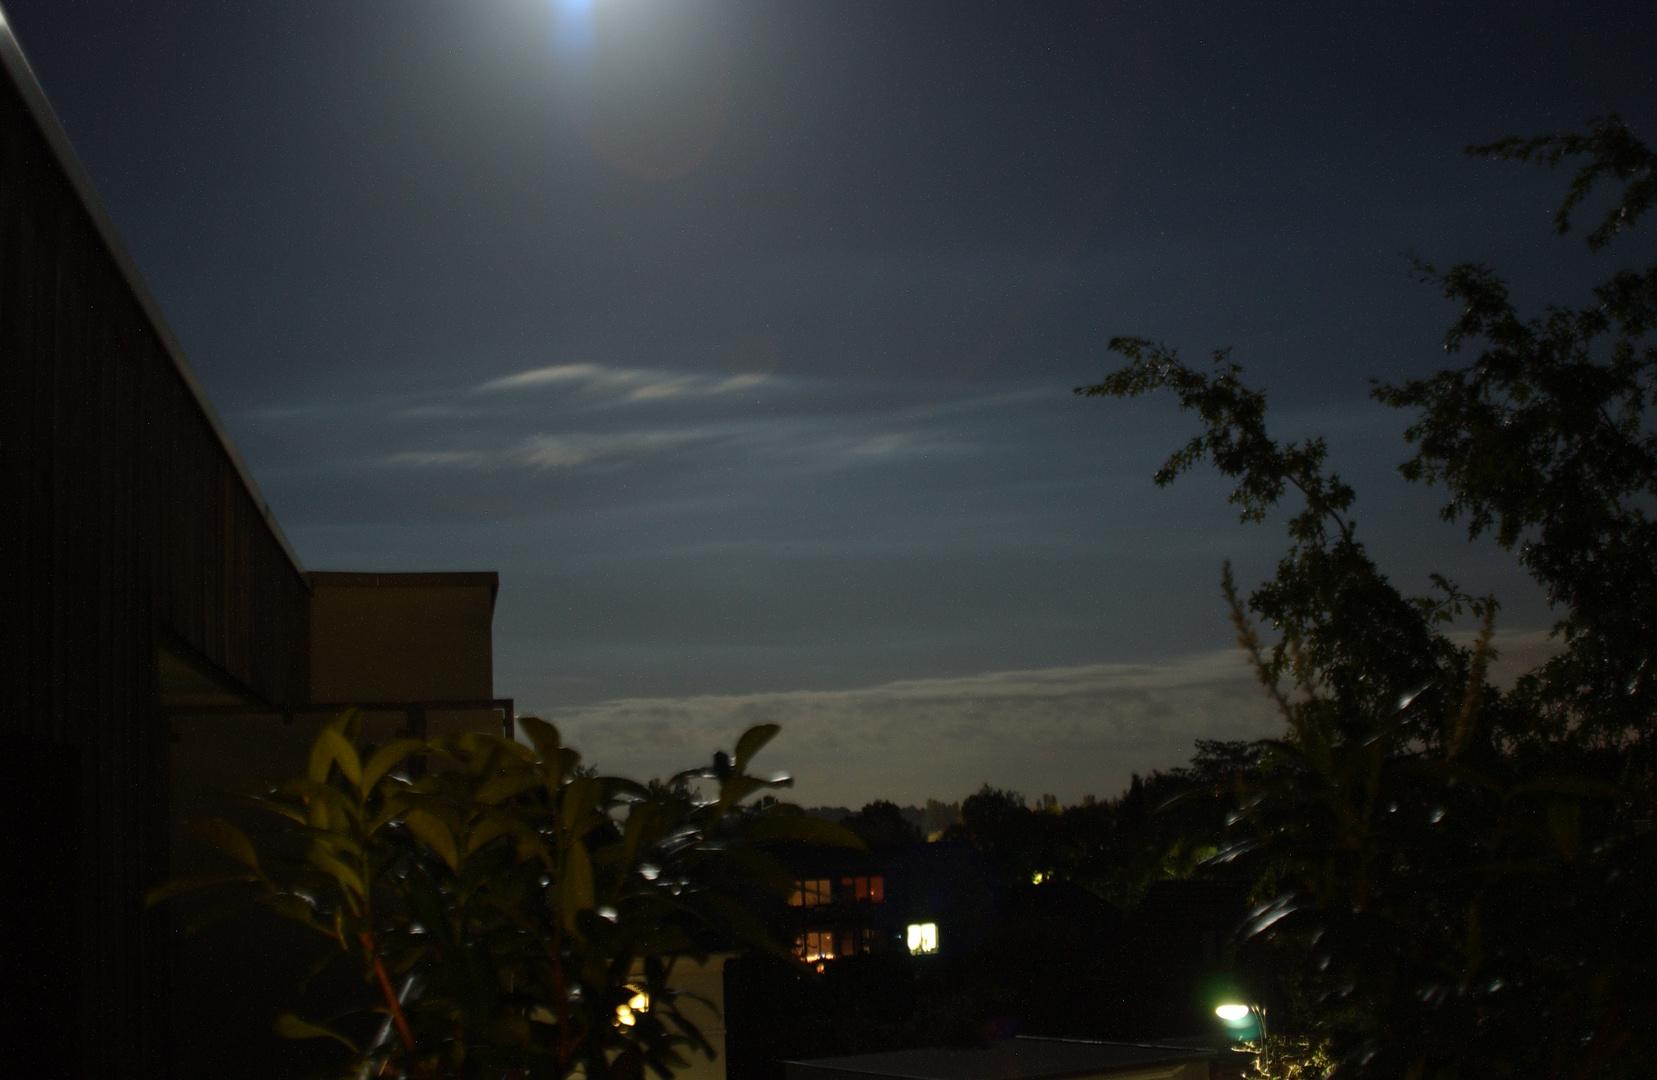 Der Himmel bei Vollmond